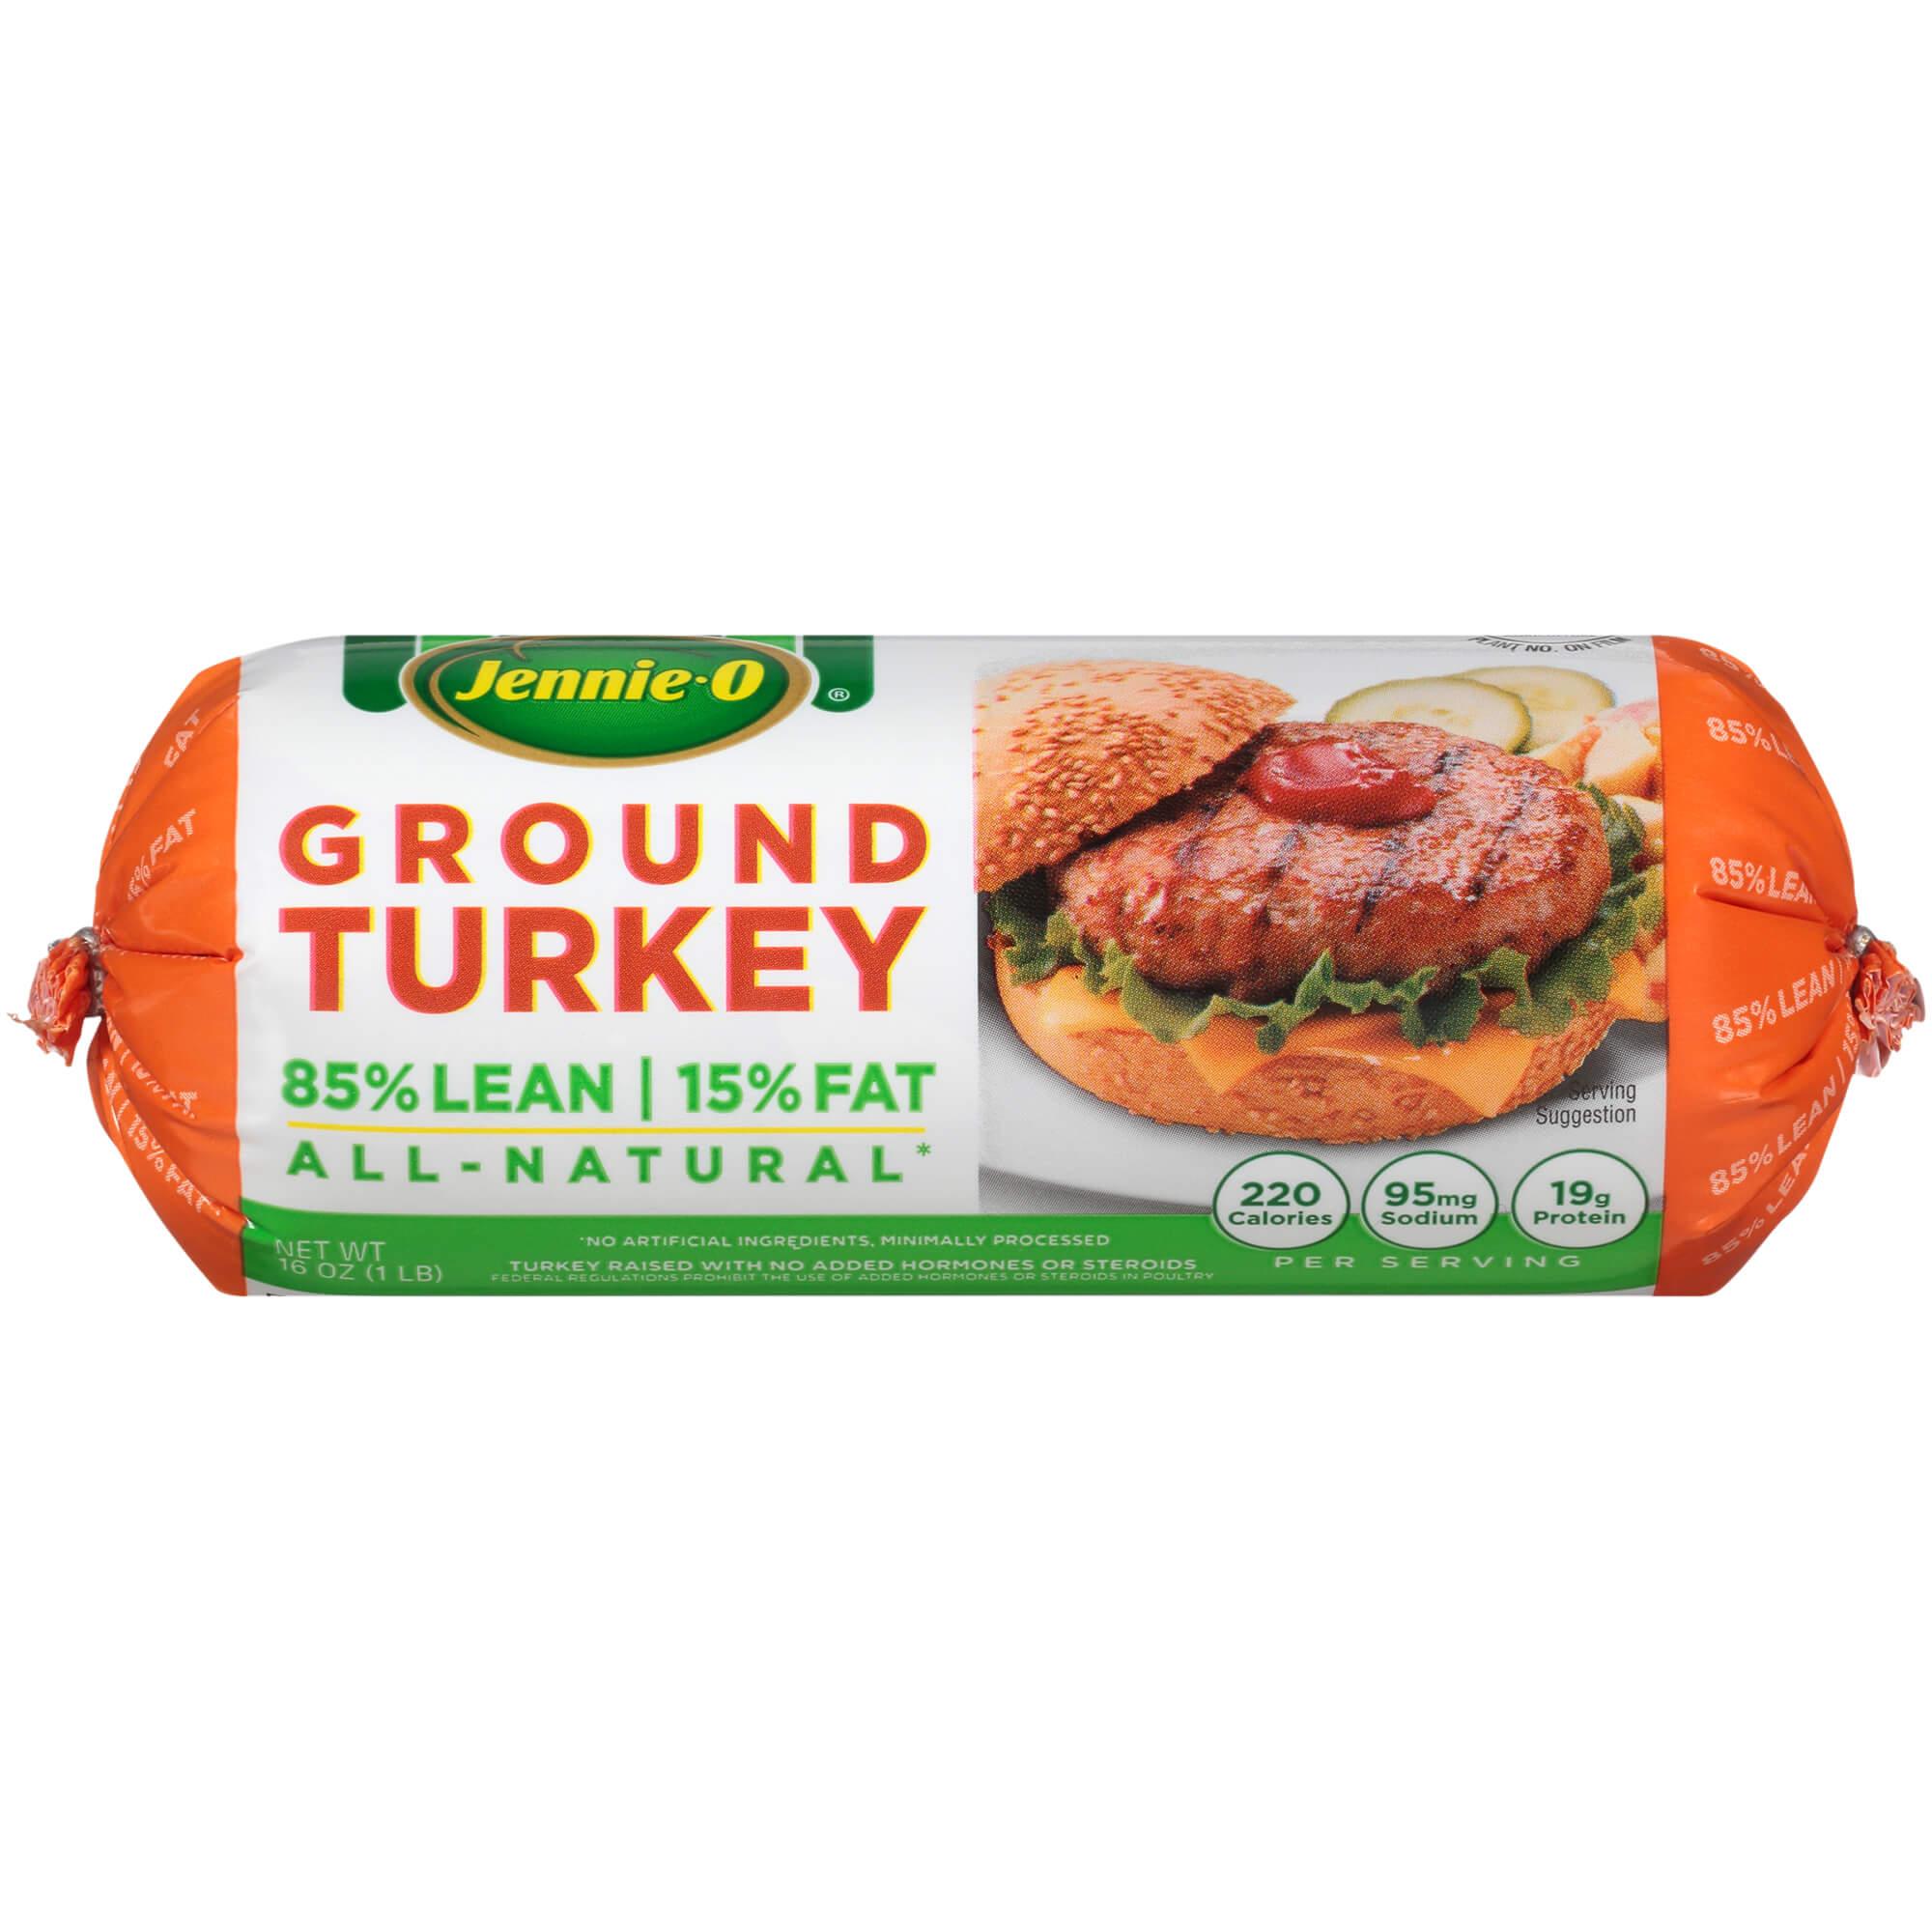 Jennie-O Ground Turkey Roll, 16 ounce (1 pound)